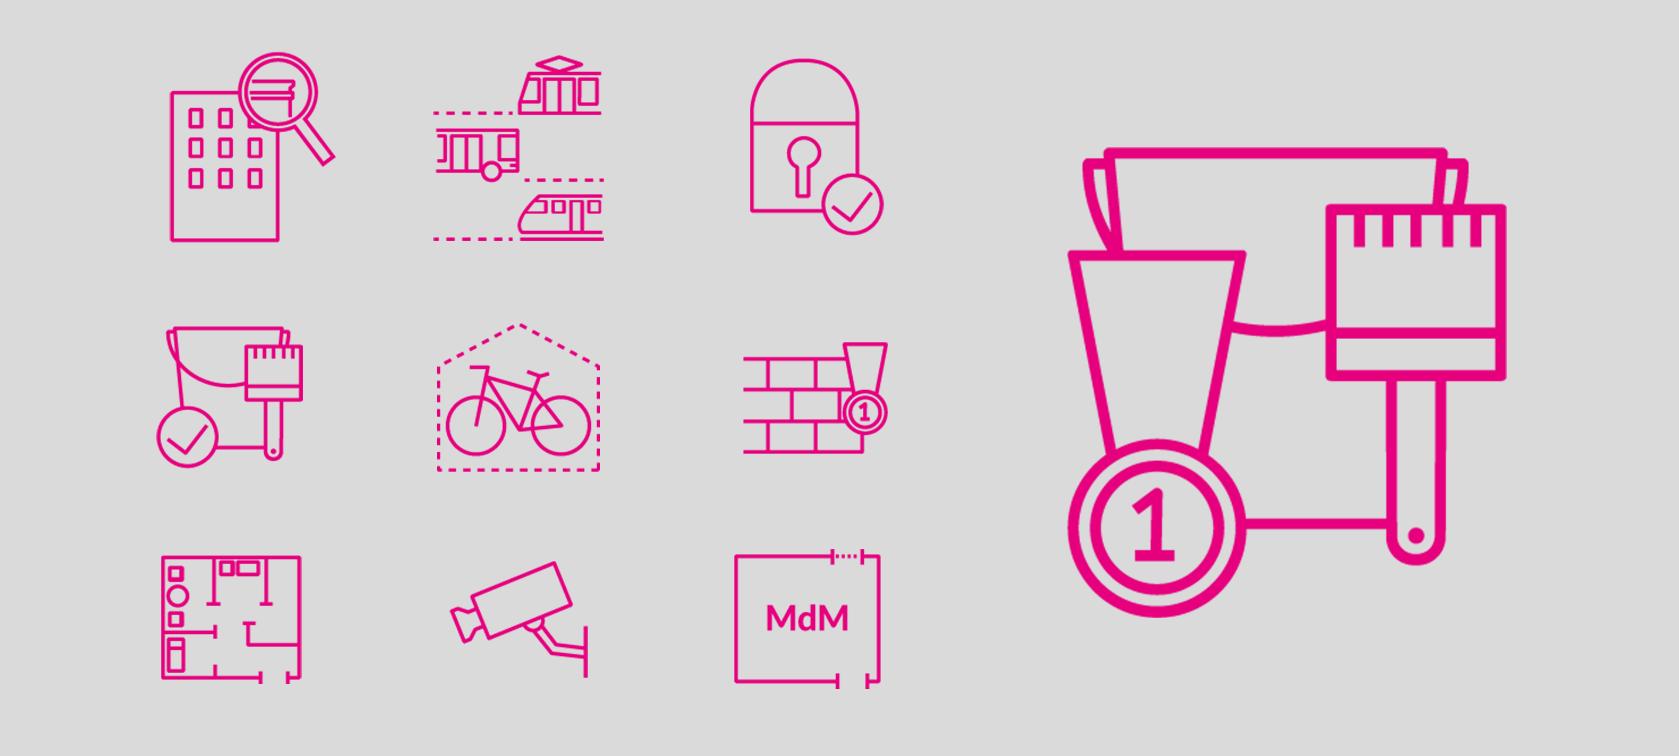 Branding ikony dlafirmy deweloperskiej Sento